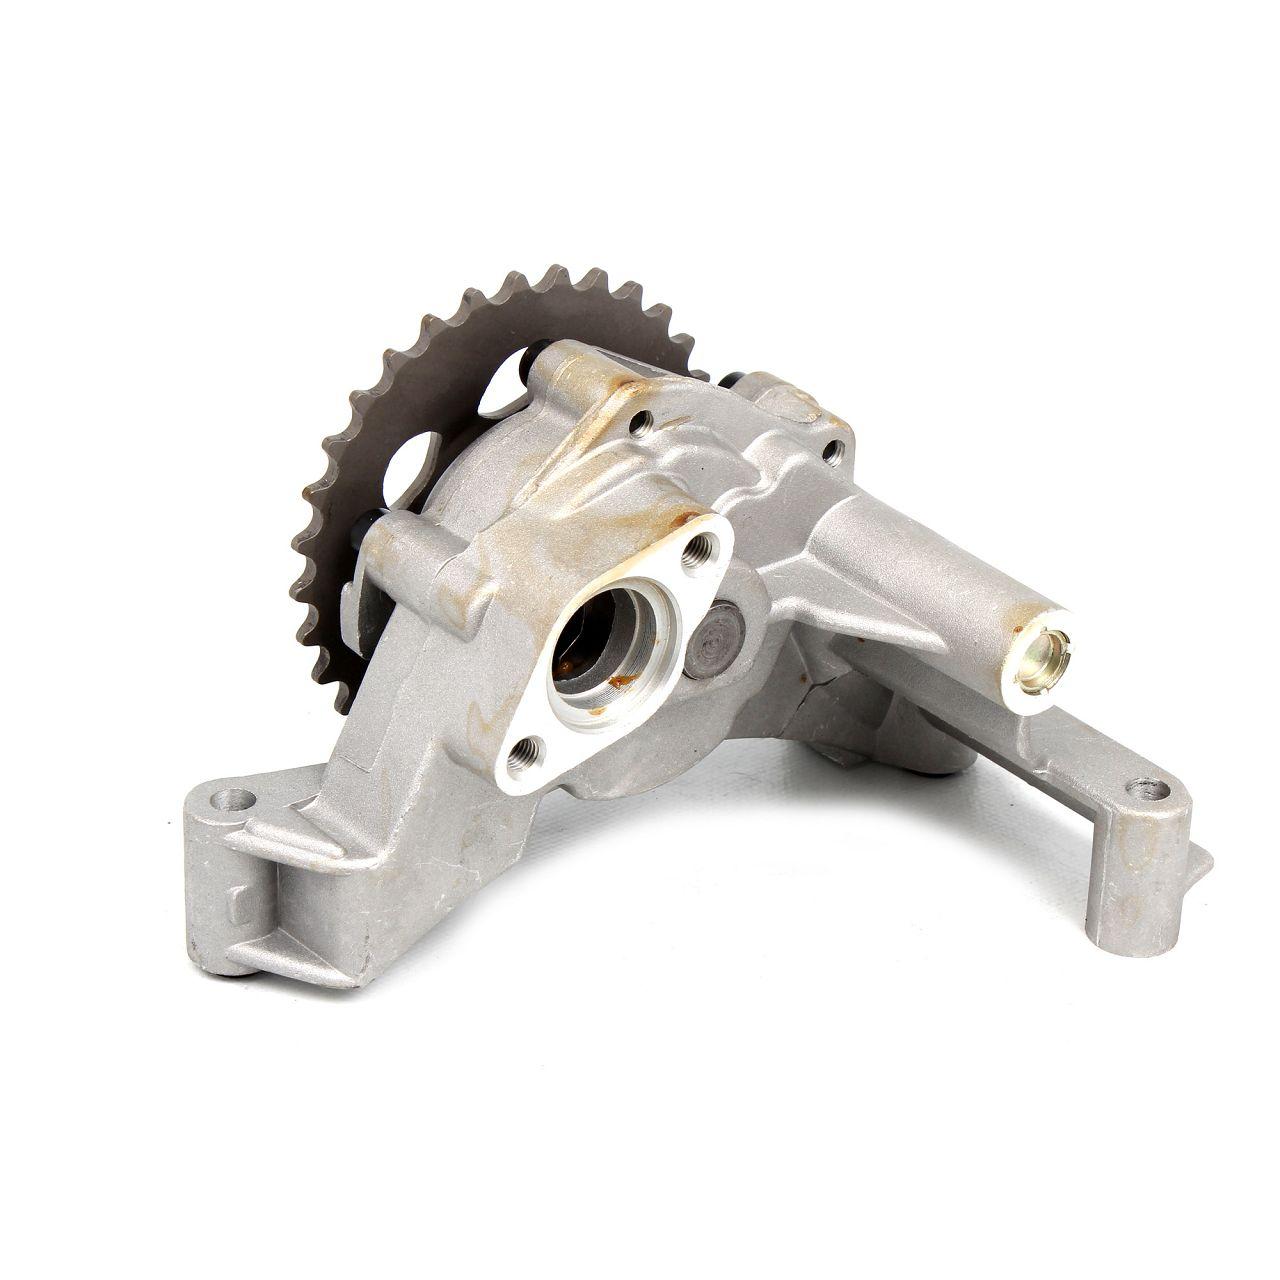 Ölpumpe Motorölpumpe für AUDI A3 A4 A6 SEAT SKODA VW GOLF 4 5 6 1.6-2.0 1.9TDI